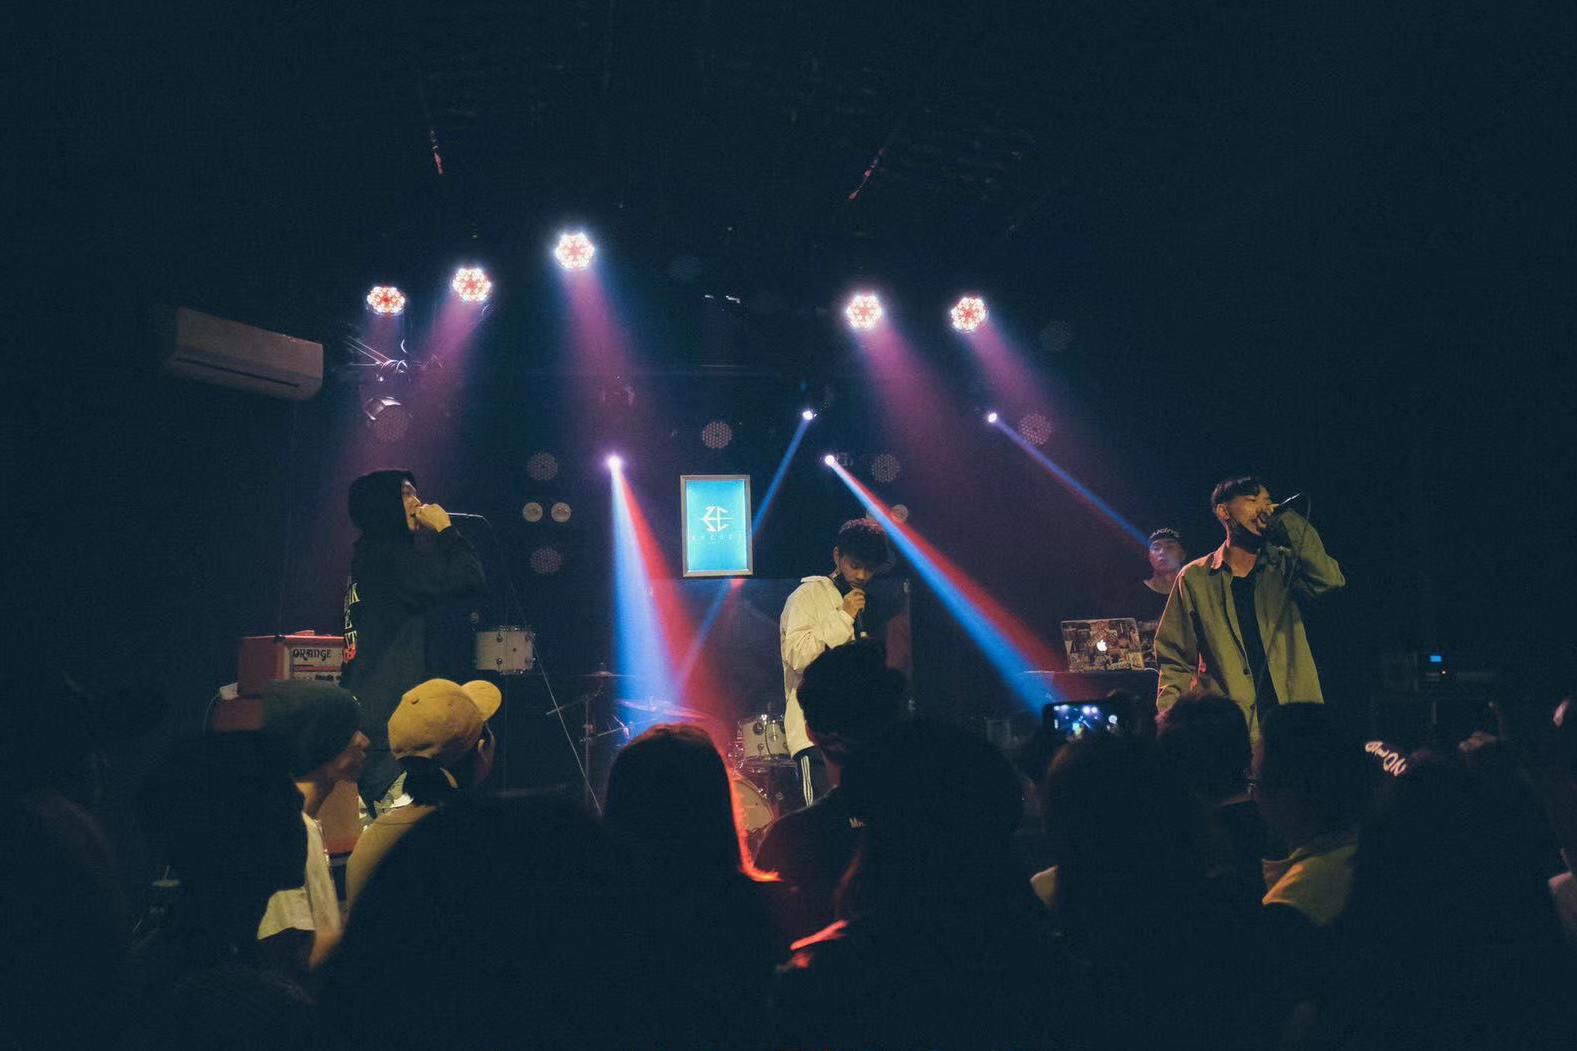 中國新生代 Hip Hop 音樂人們的生存現狀